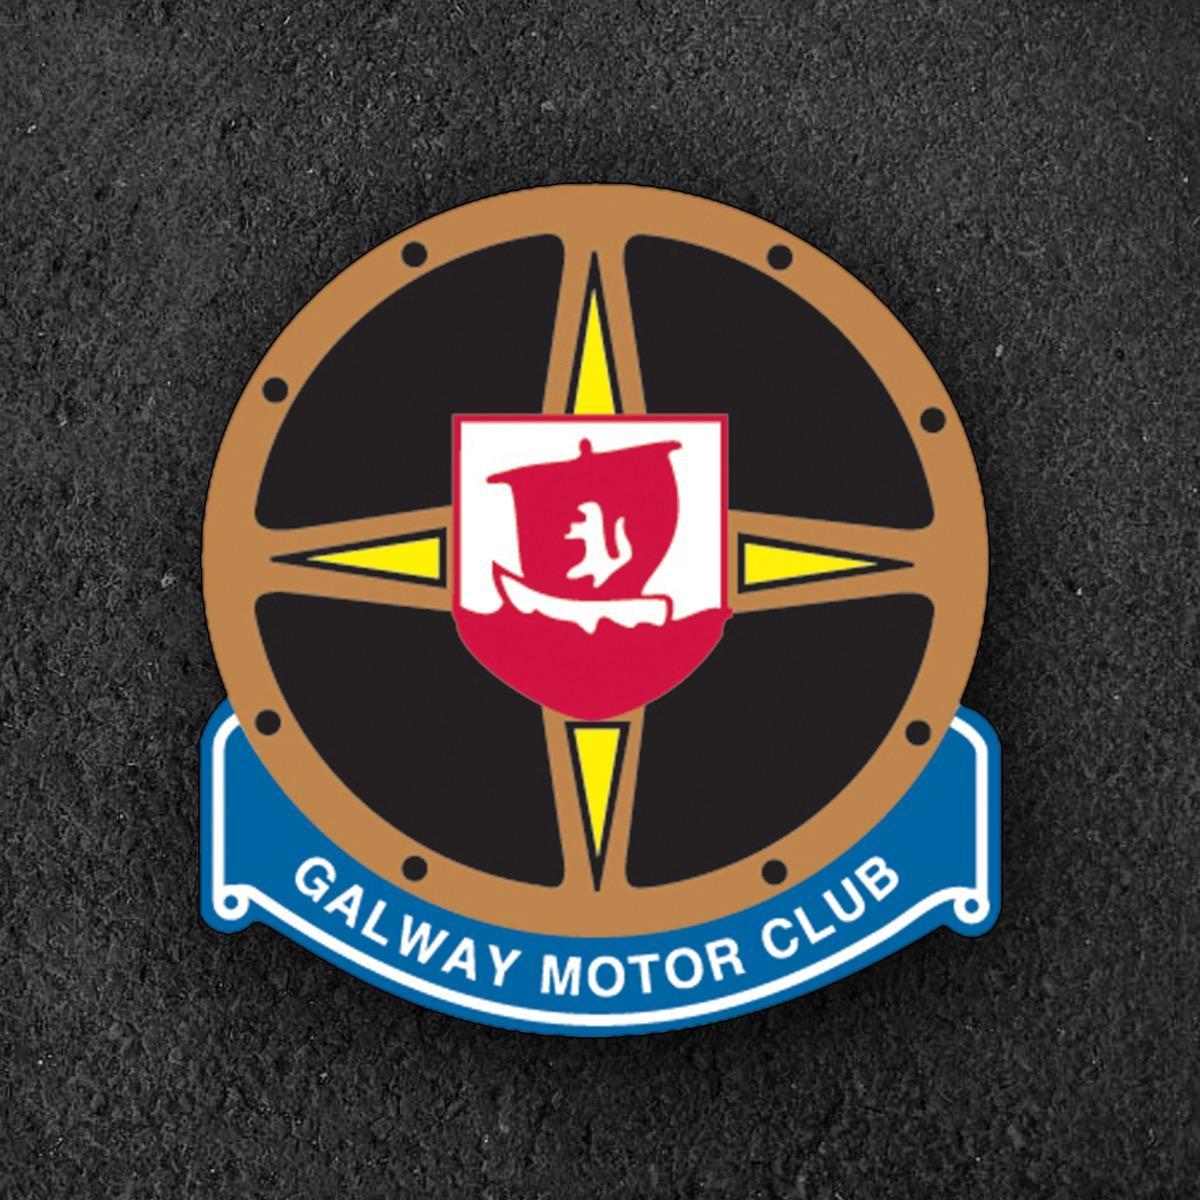 Galway Motor Club Galwaymotorclub Twitter